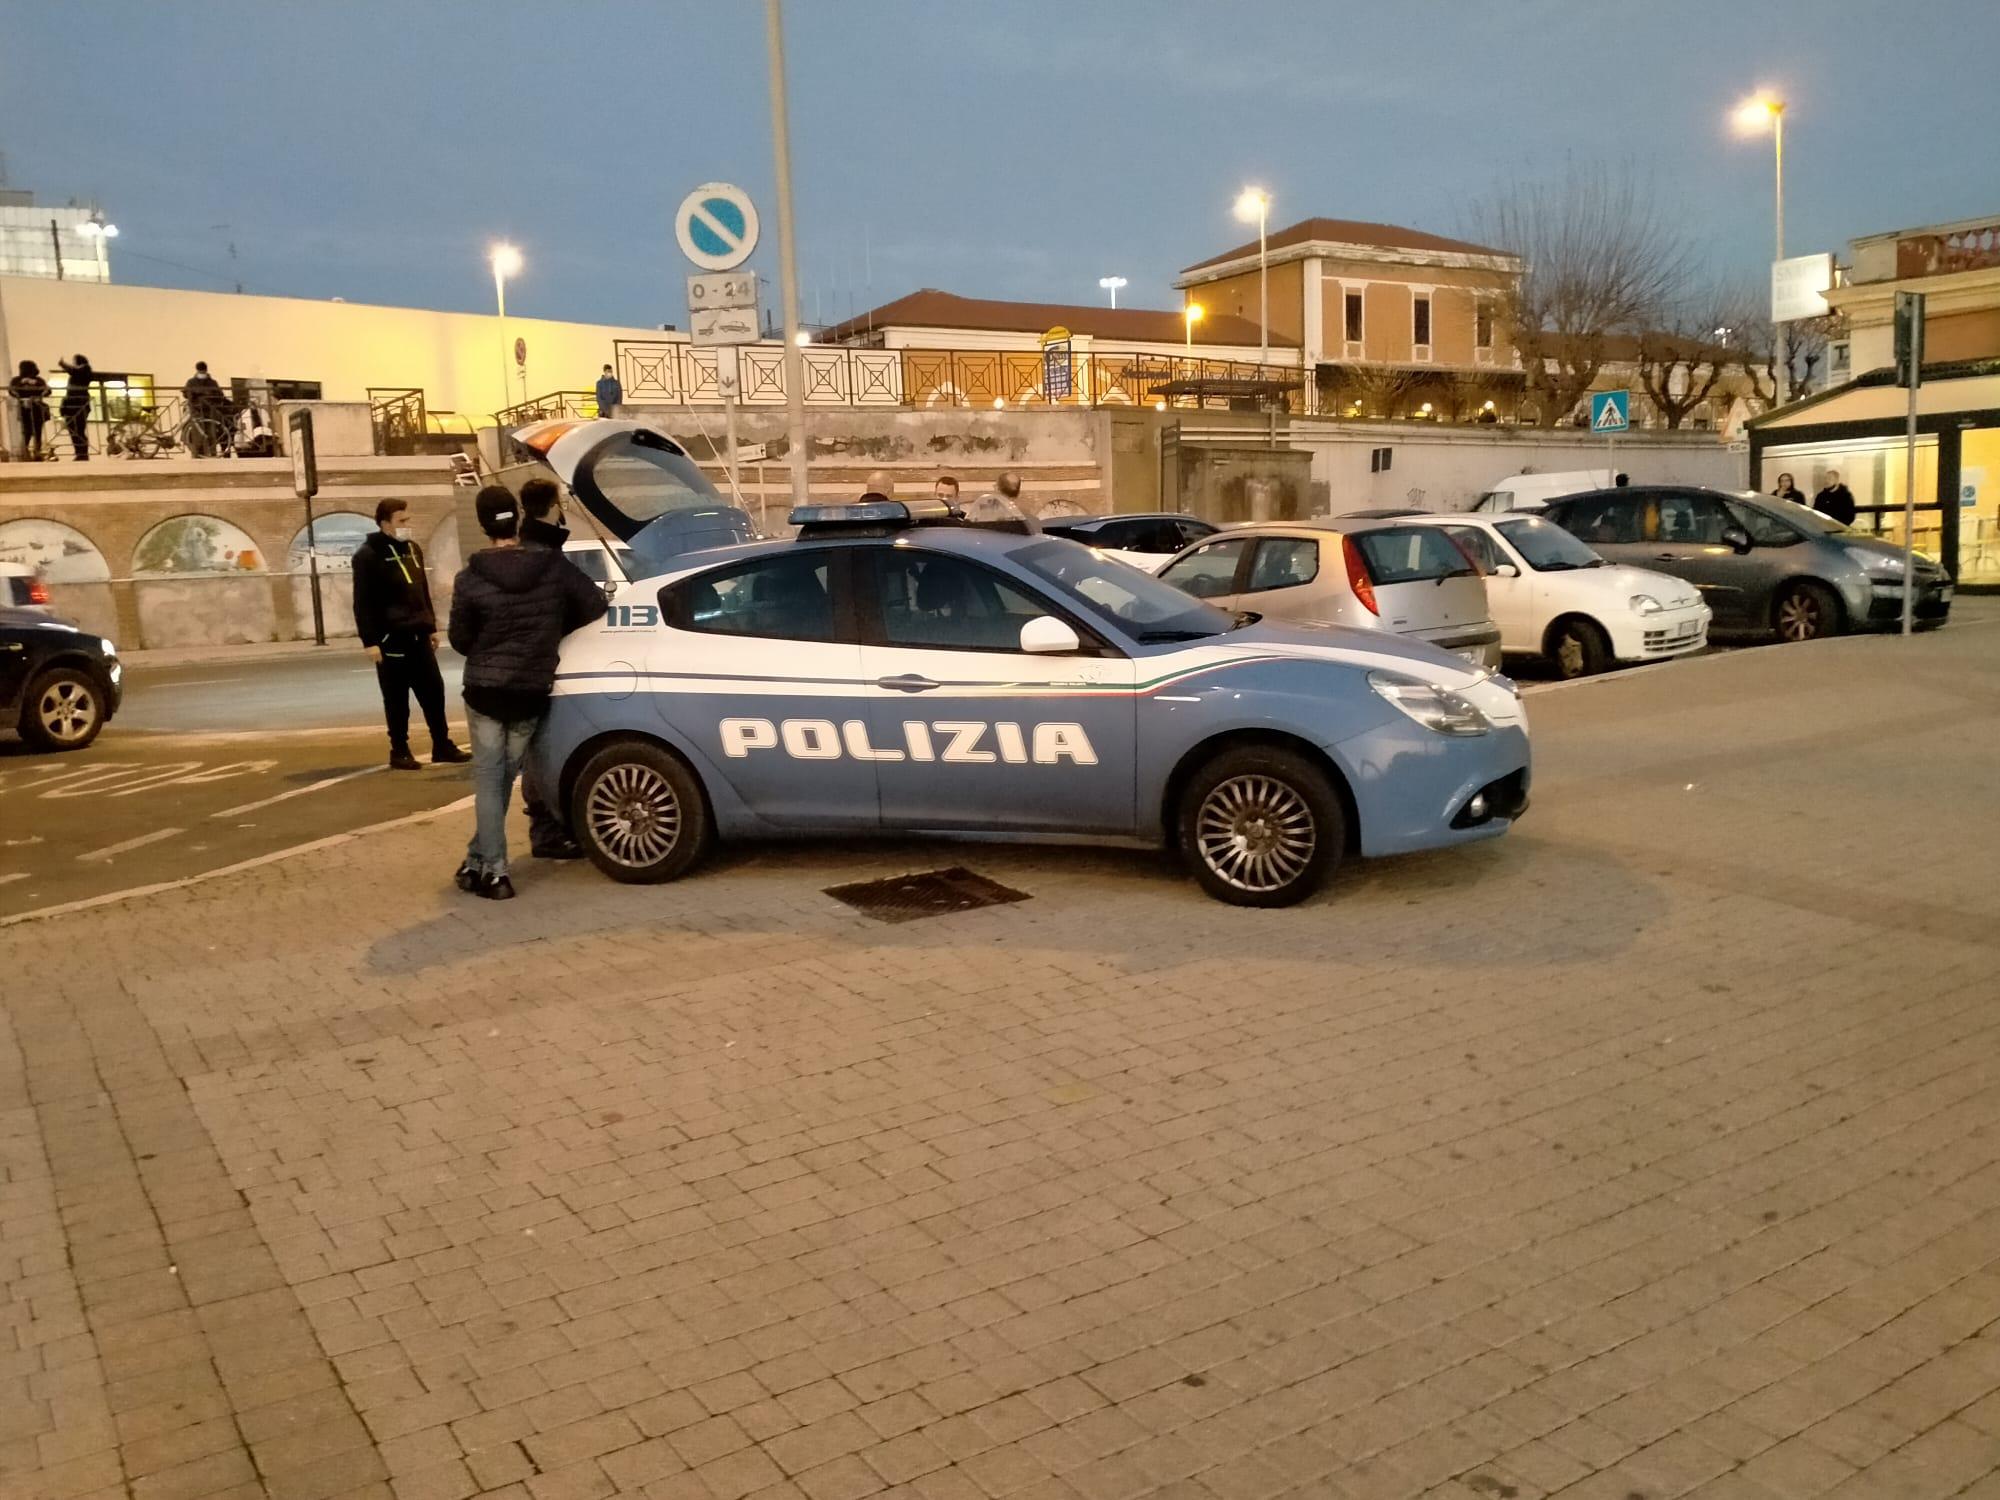 Accoltellamento a largo Galli: arrestato anche il secondo uomo